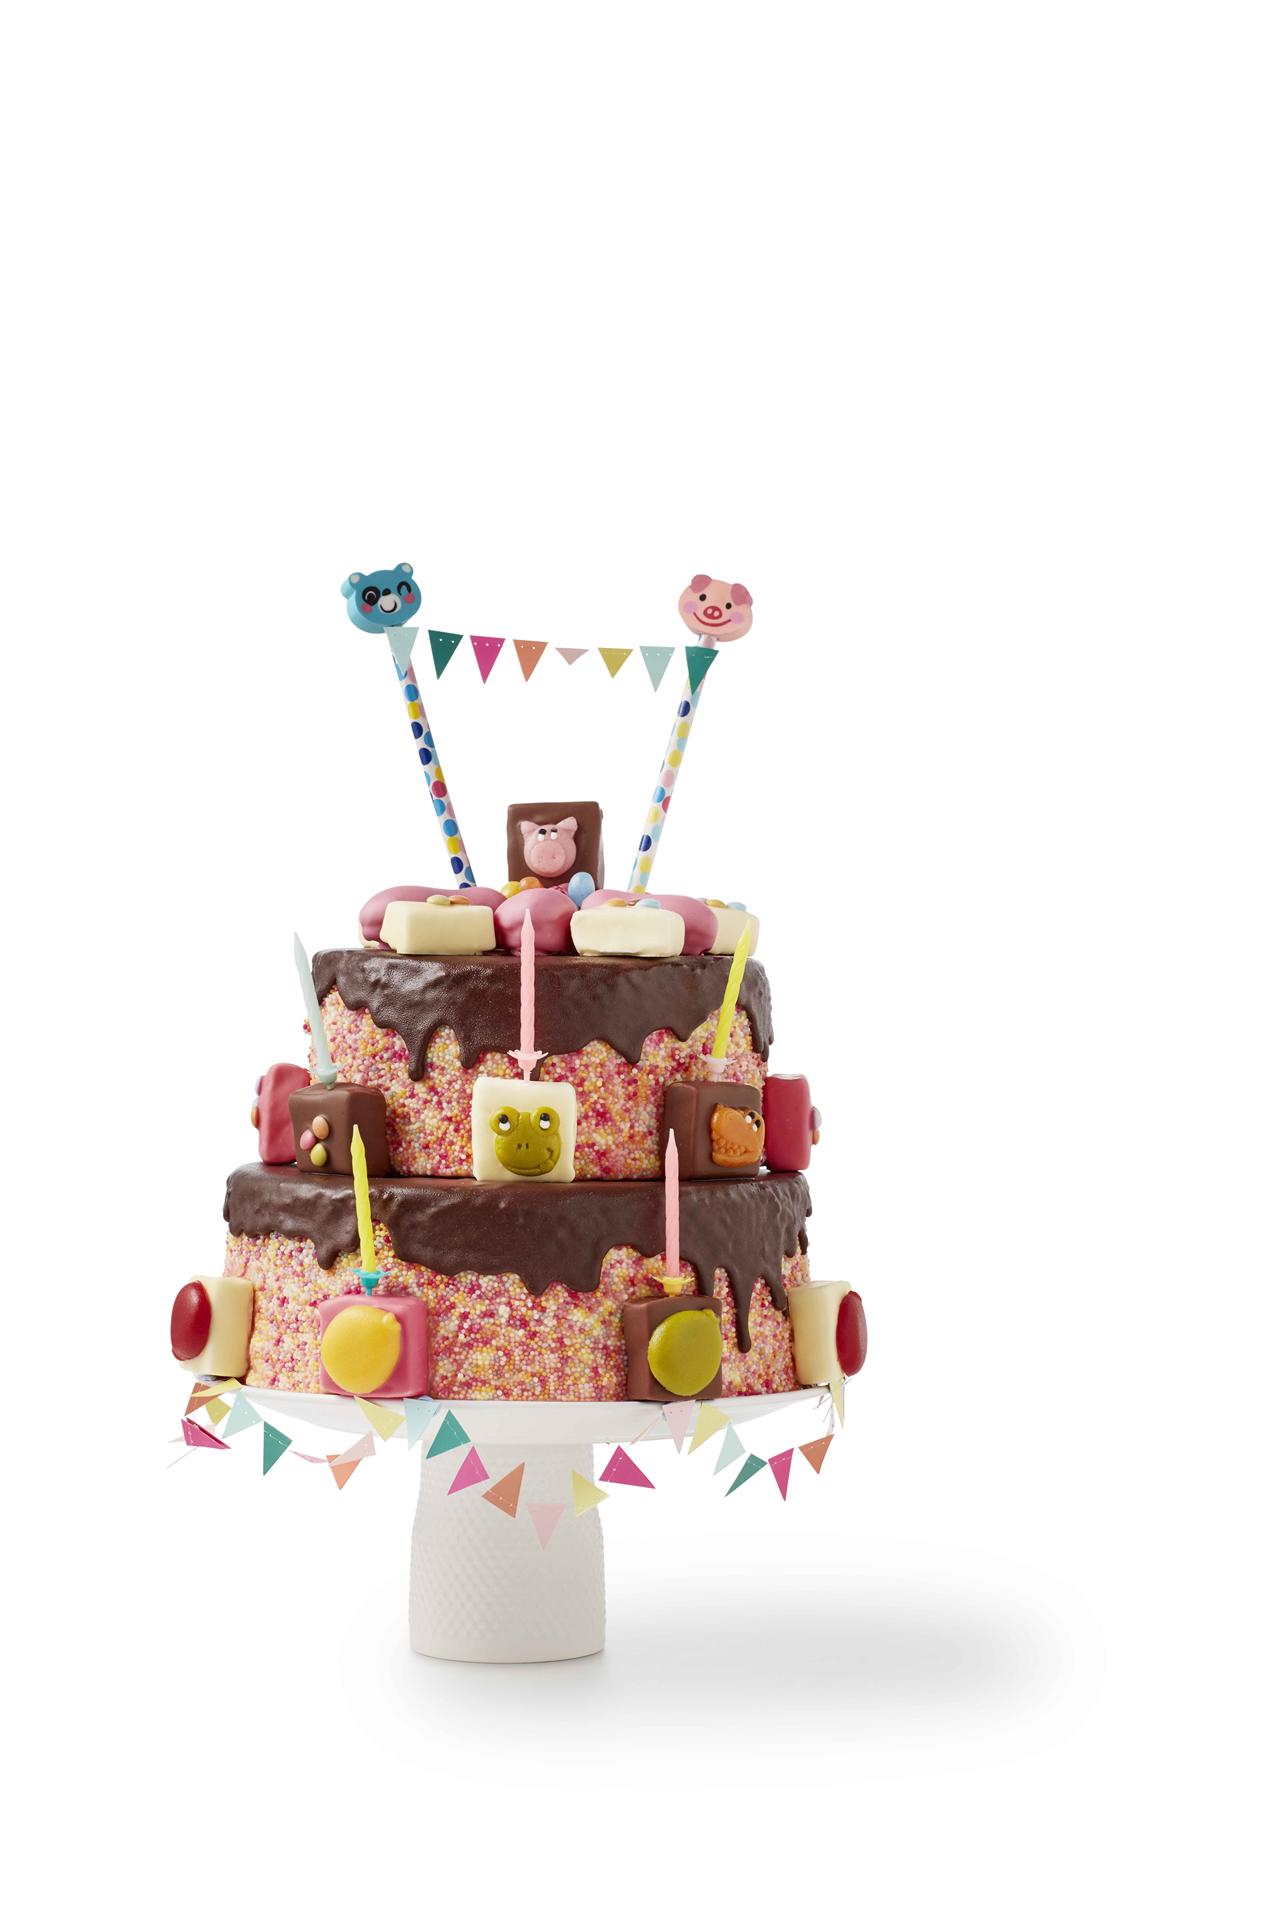 HEMA haalt de dripcakes-hype naar Nederland